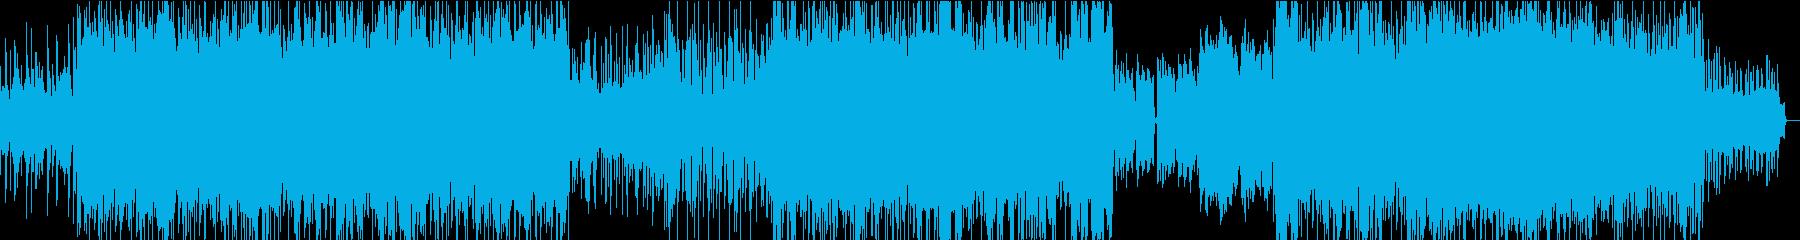 ミッドテンポのギターとシンセの強いビートの再生済みの波形